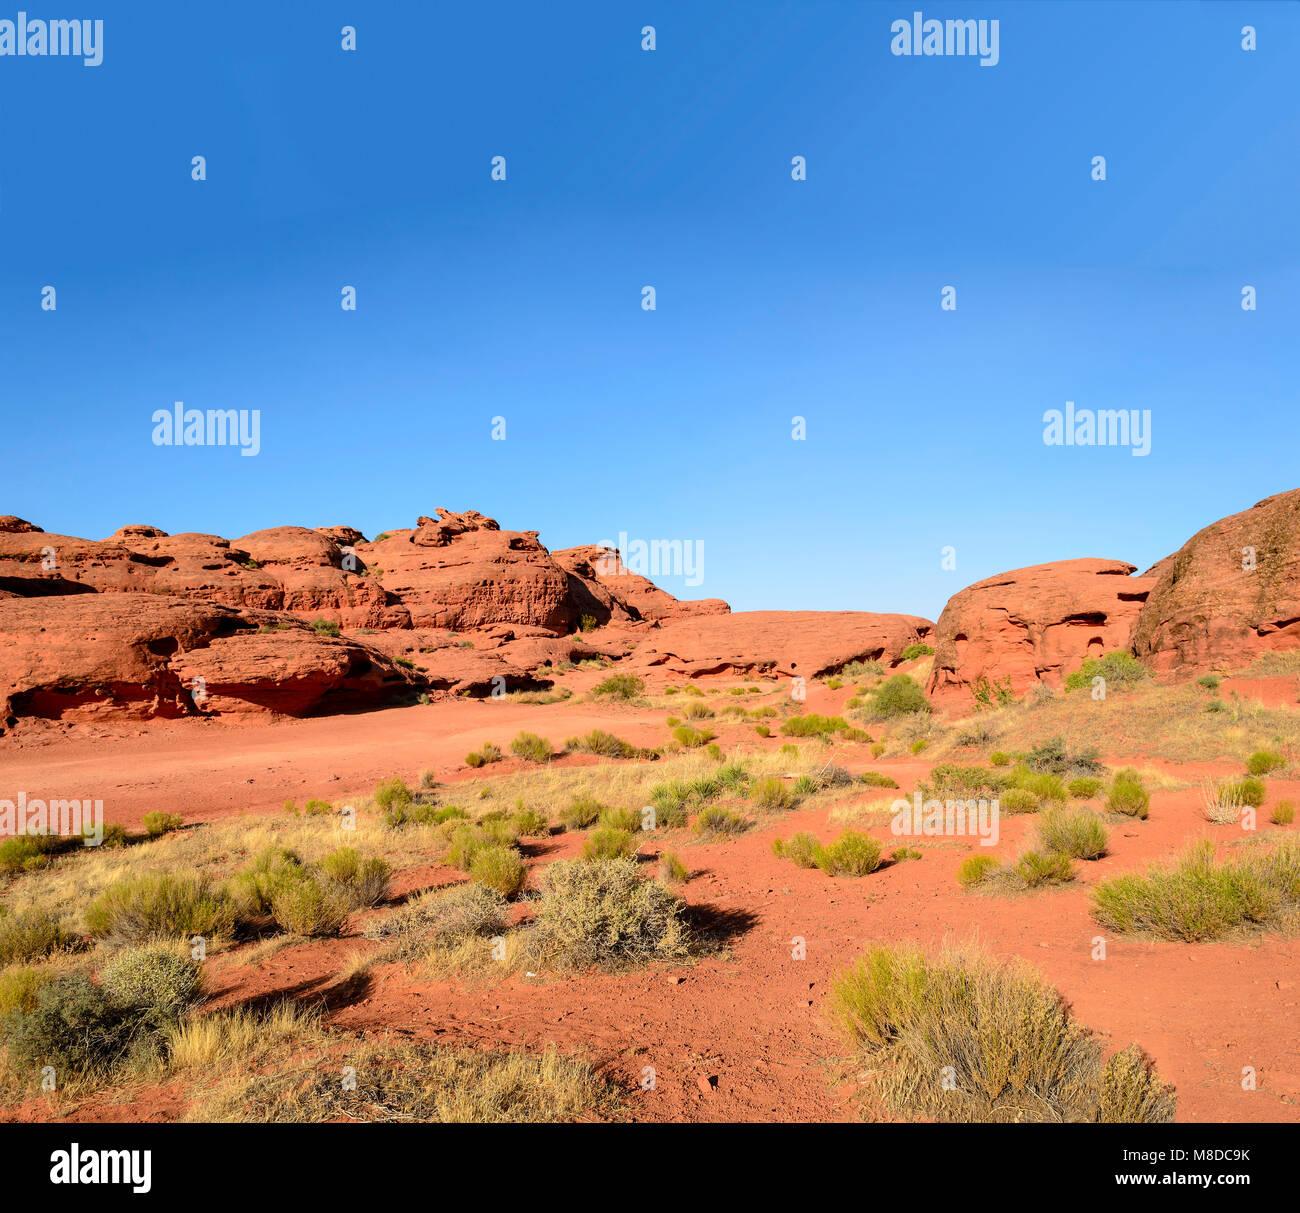 Hot, dry Mojave Desert, blue sky, plants, red dirt. - Stock Image